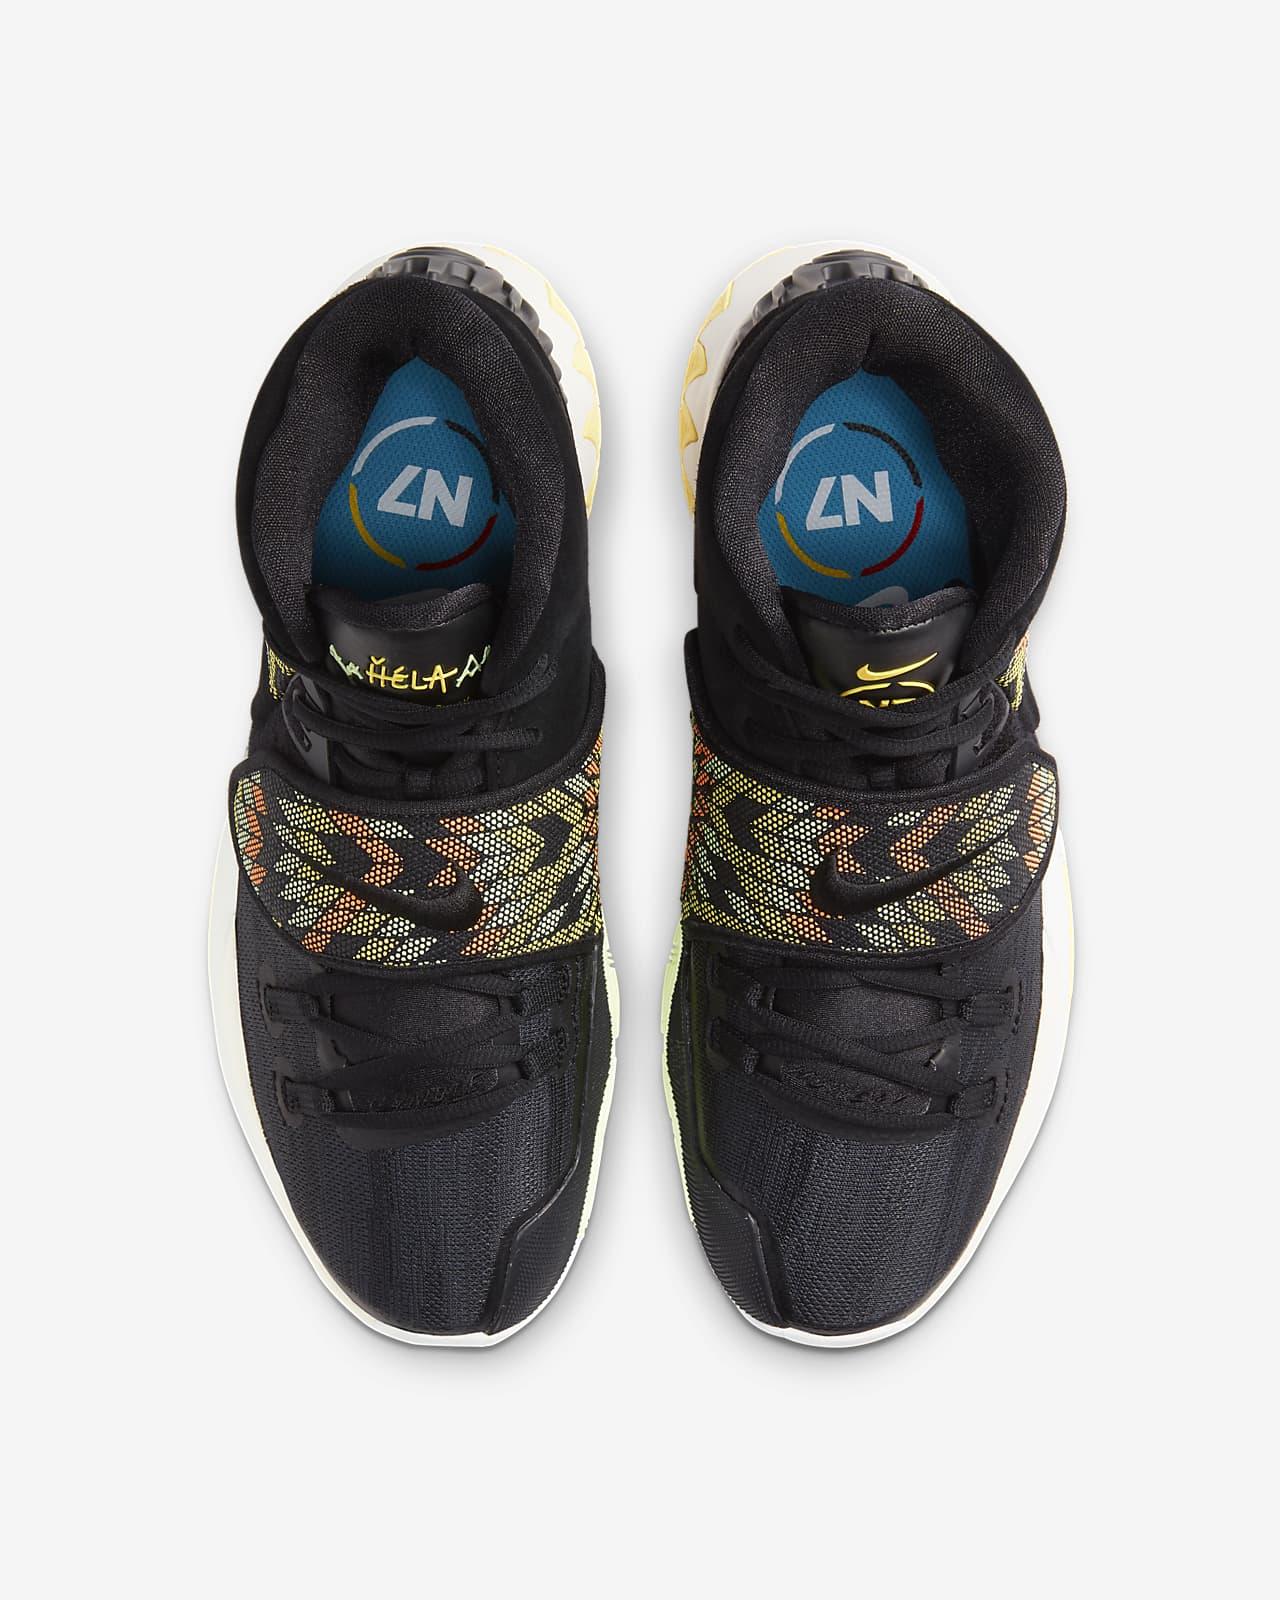 Kyrie 6 N7 Shoe